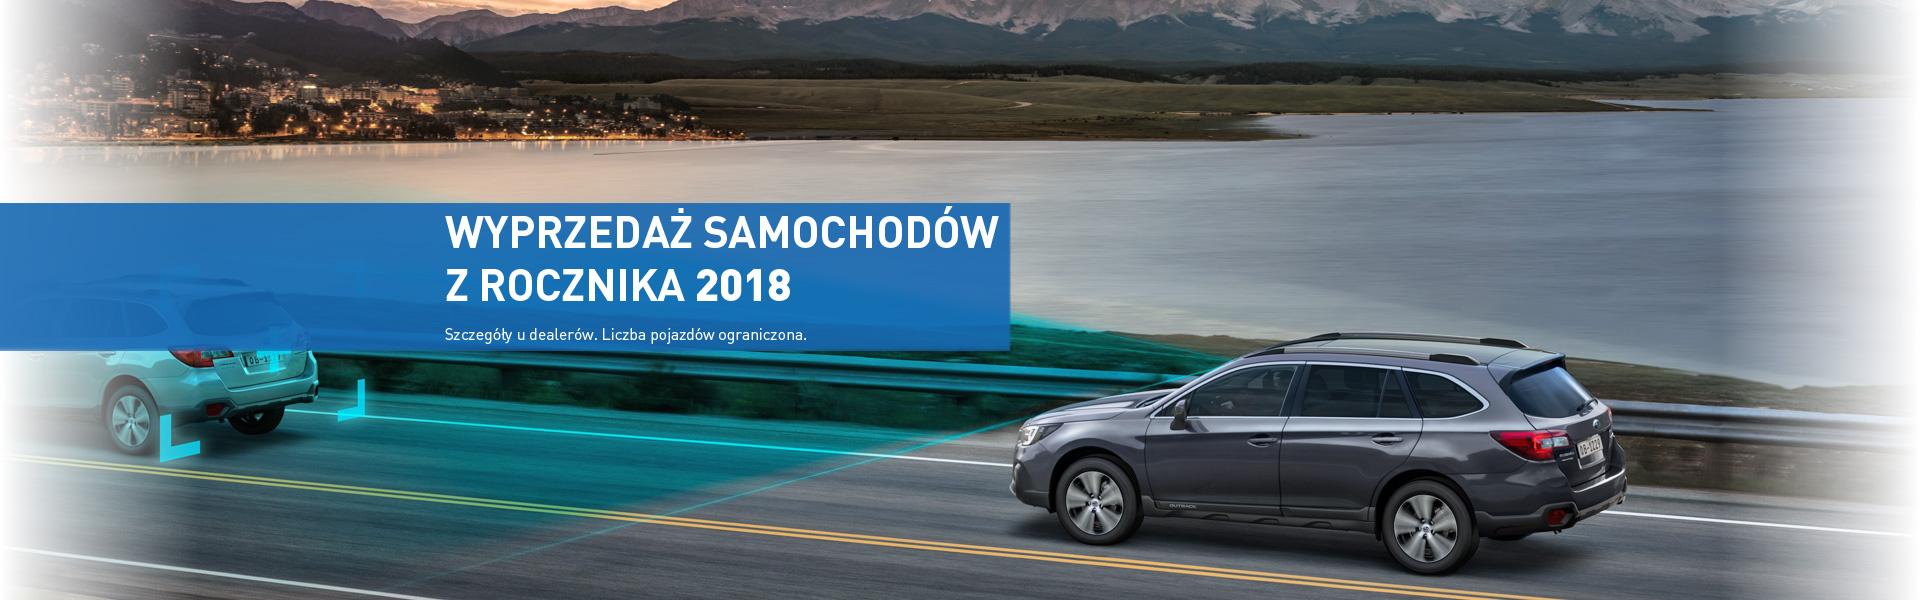 Wyprzedaż samochodów z rocznika 2018 w SUBARU 5